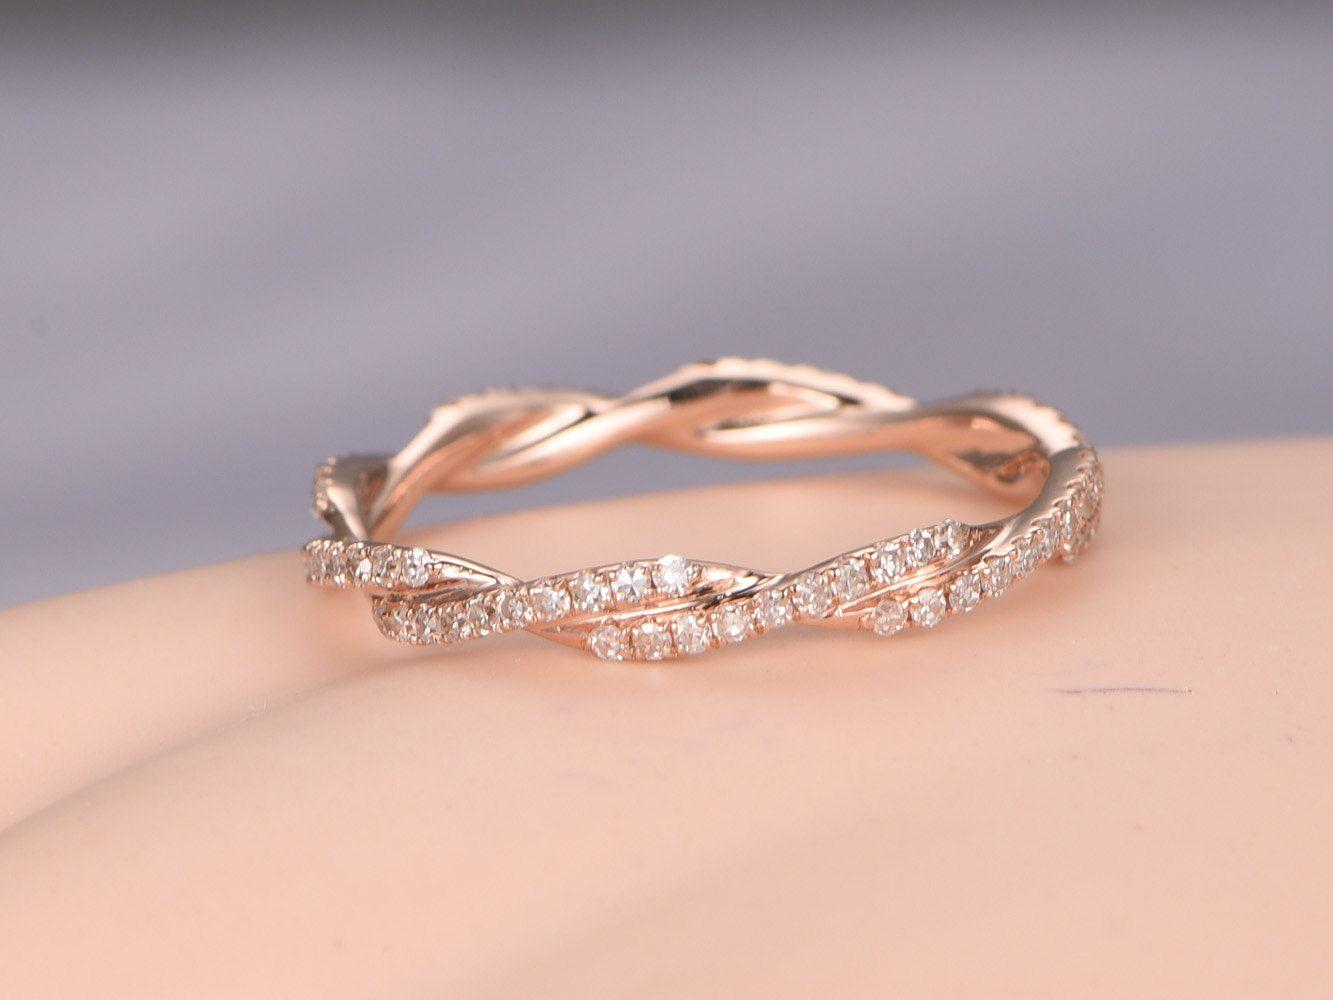 infinity diamond wedding band Twisted shape Diamond wedding band 14k rose gold FULL eternity ring engagement ring